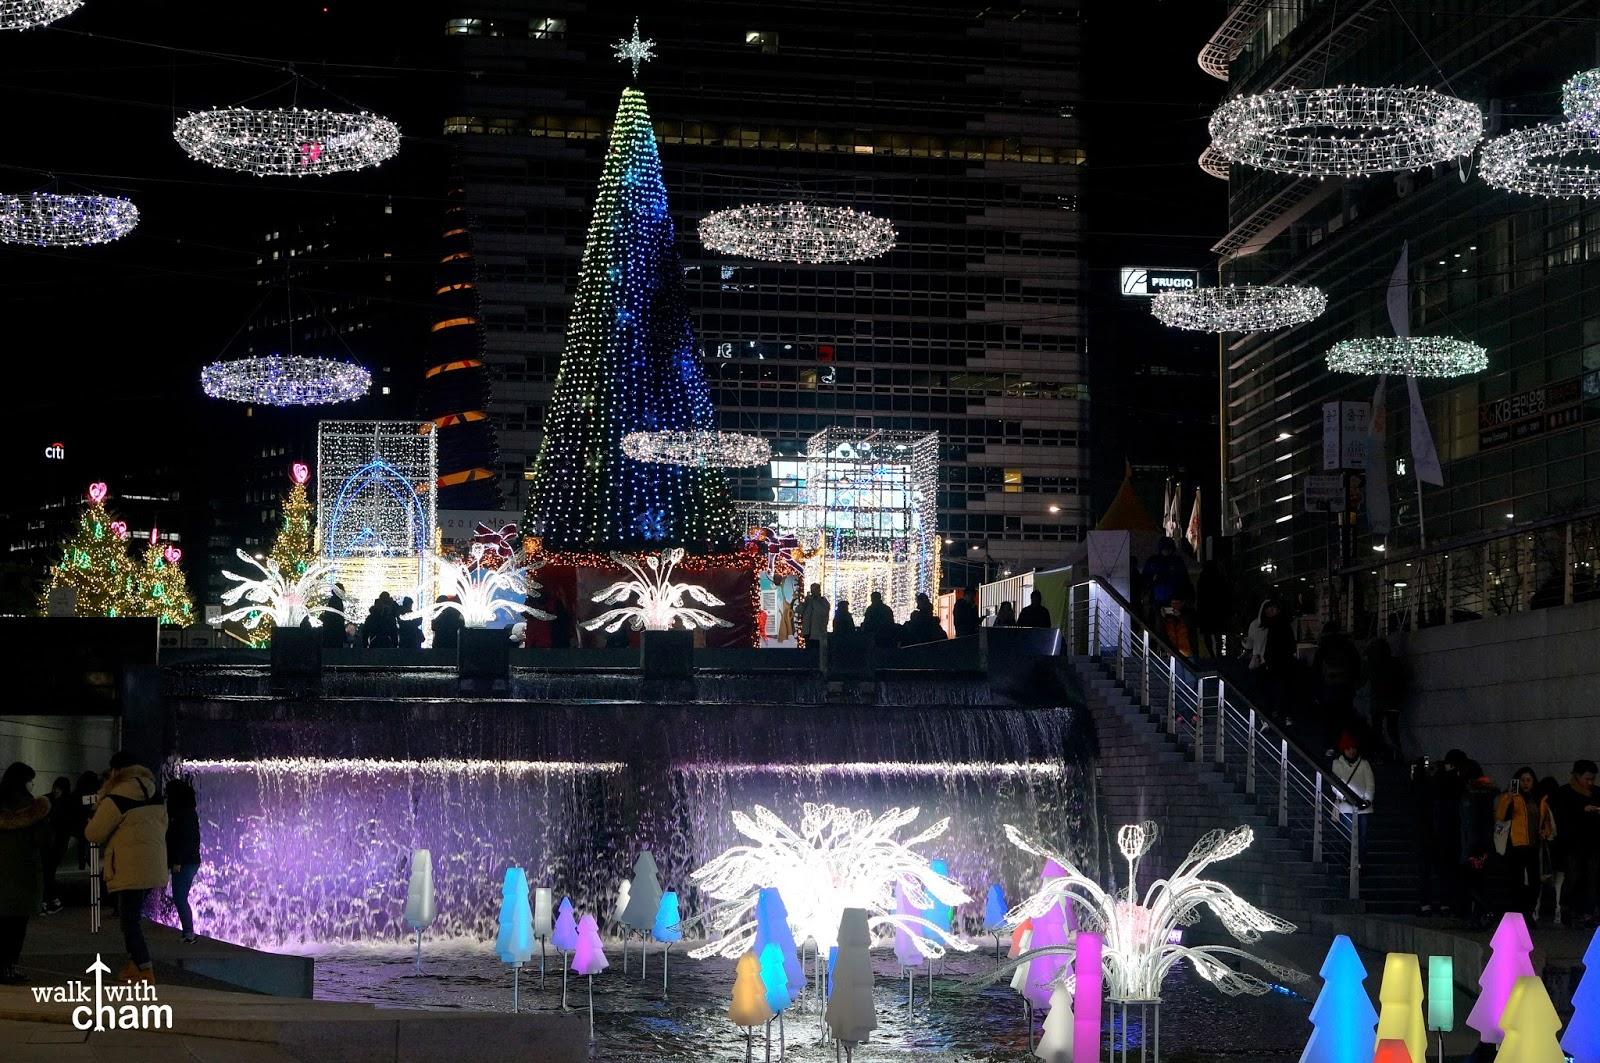 Walk With Cham Cheonggyecheon Stream Seoul Christmas